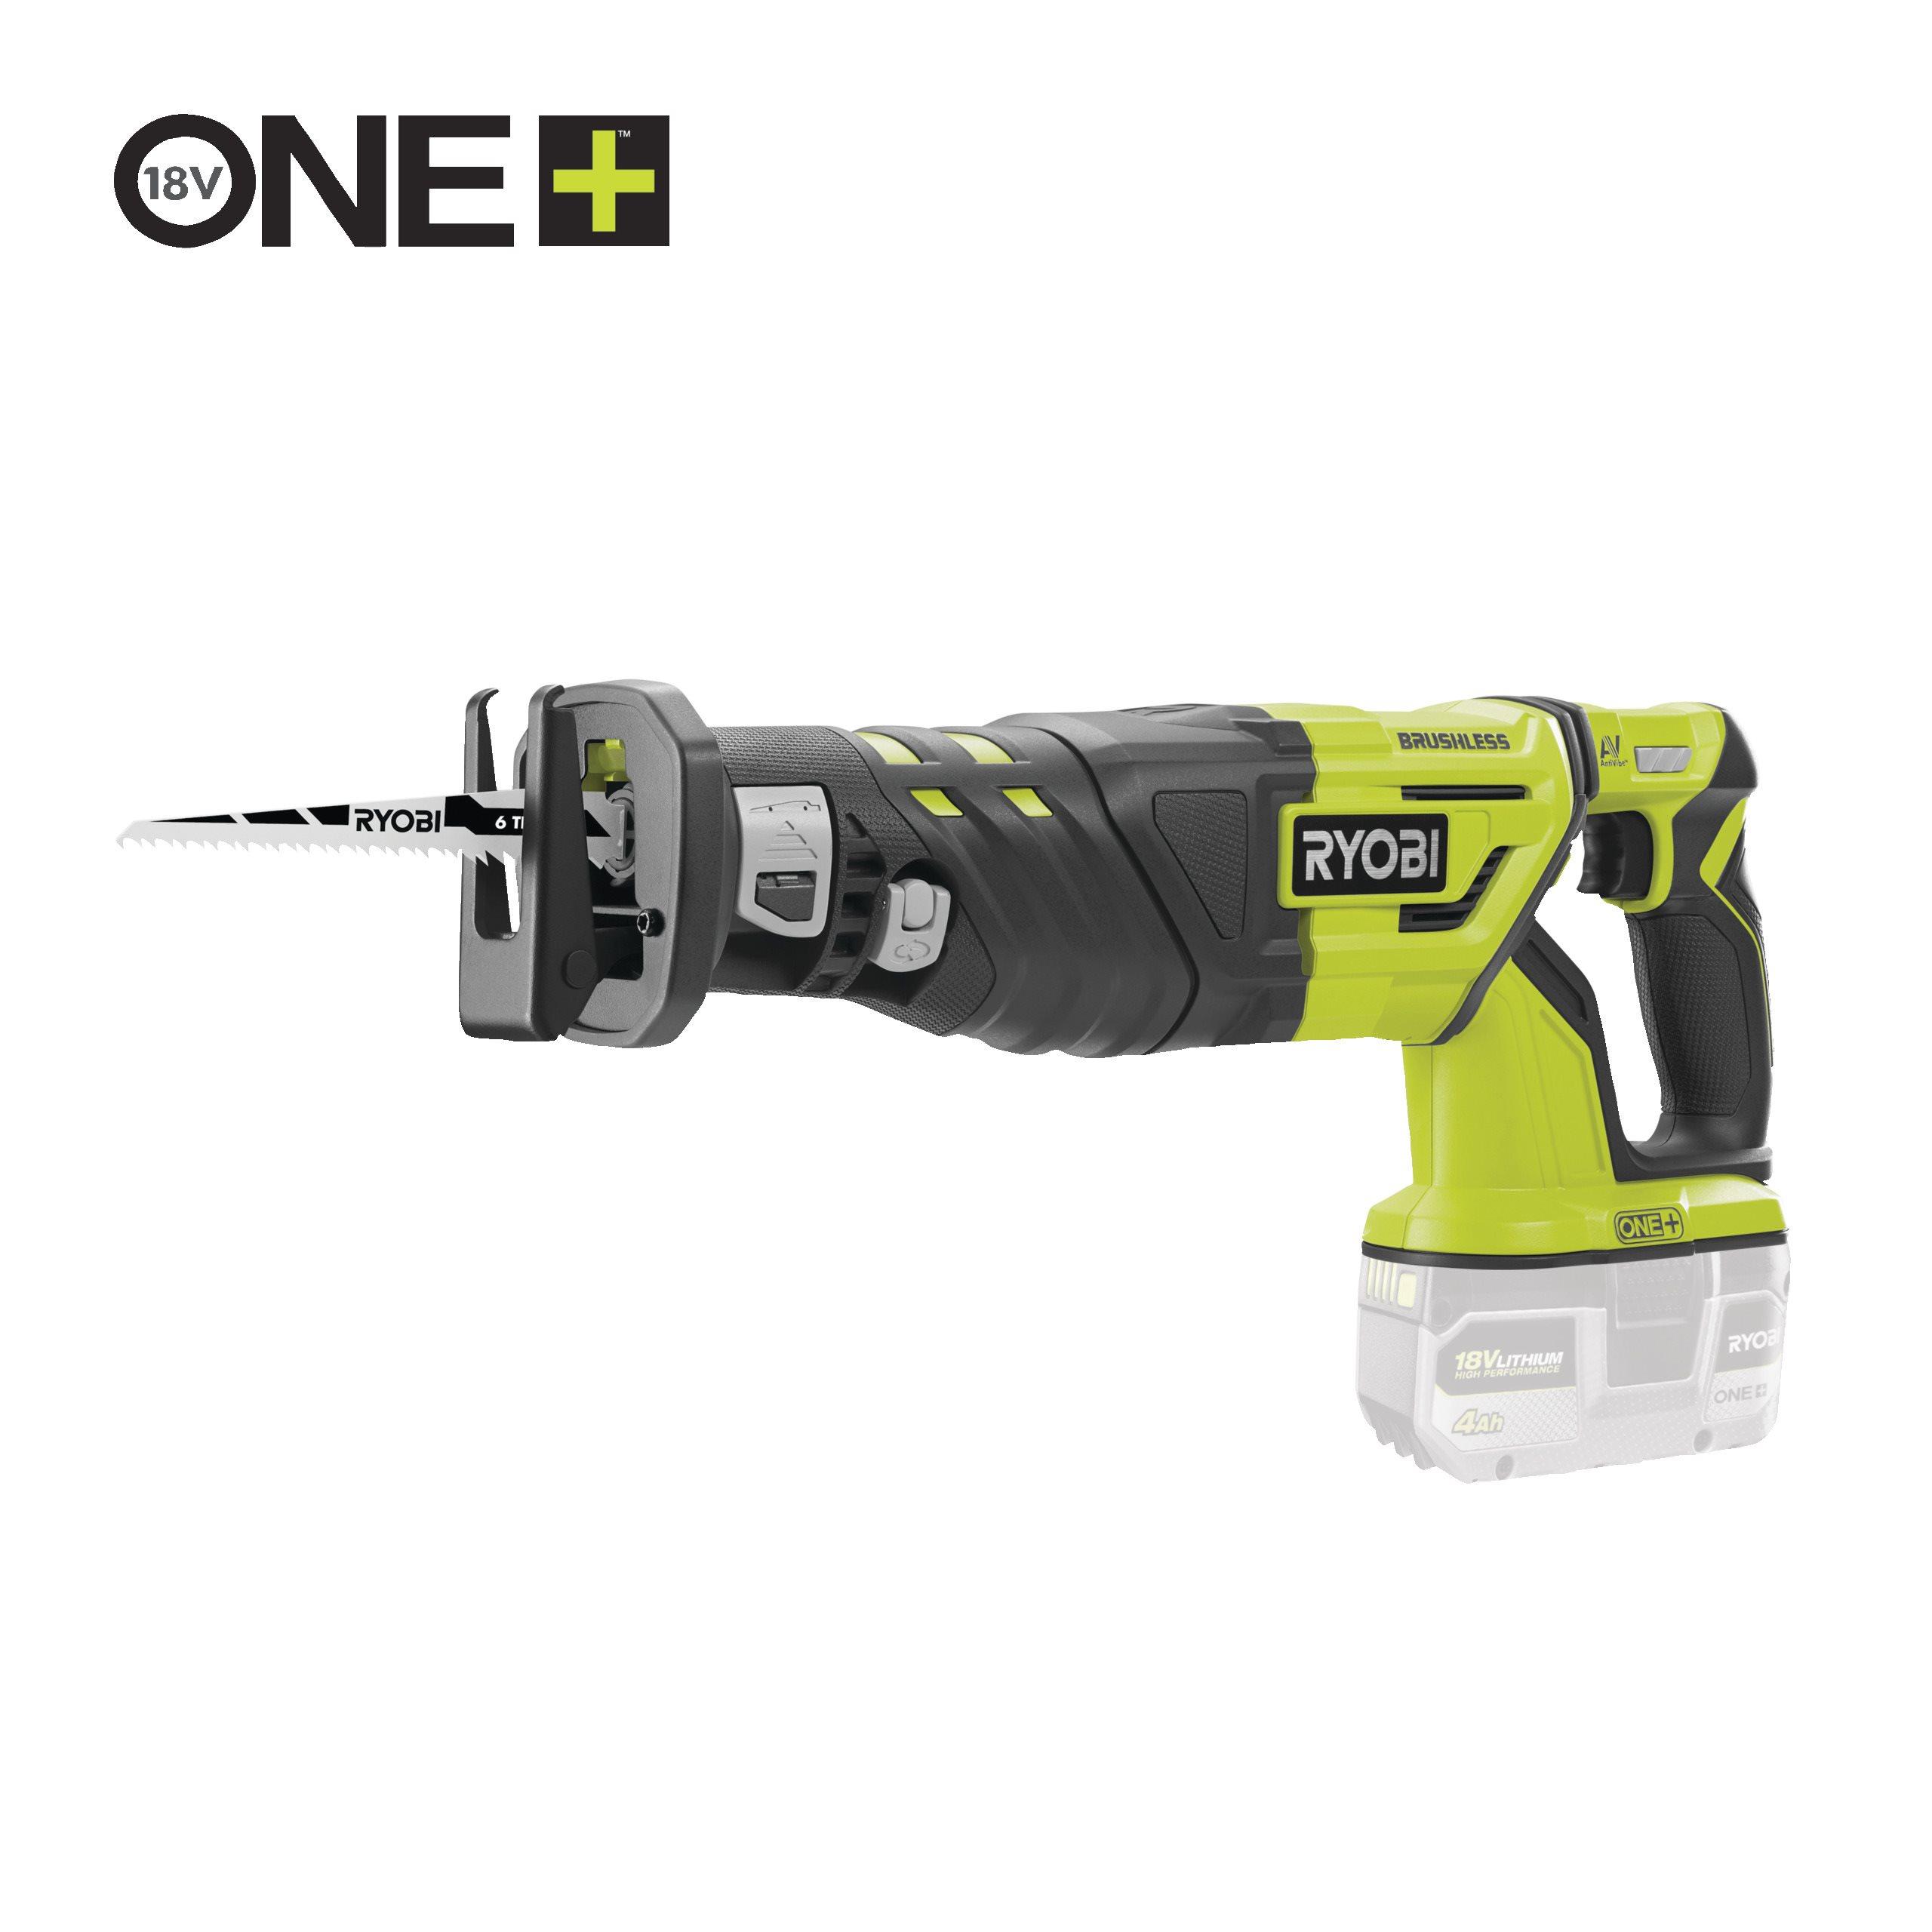 18V Cordless Brushless Reciprocating Saw